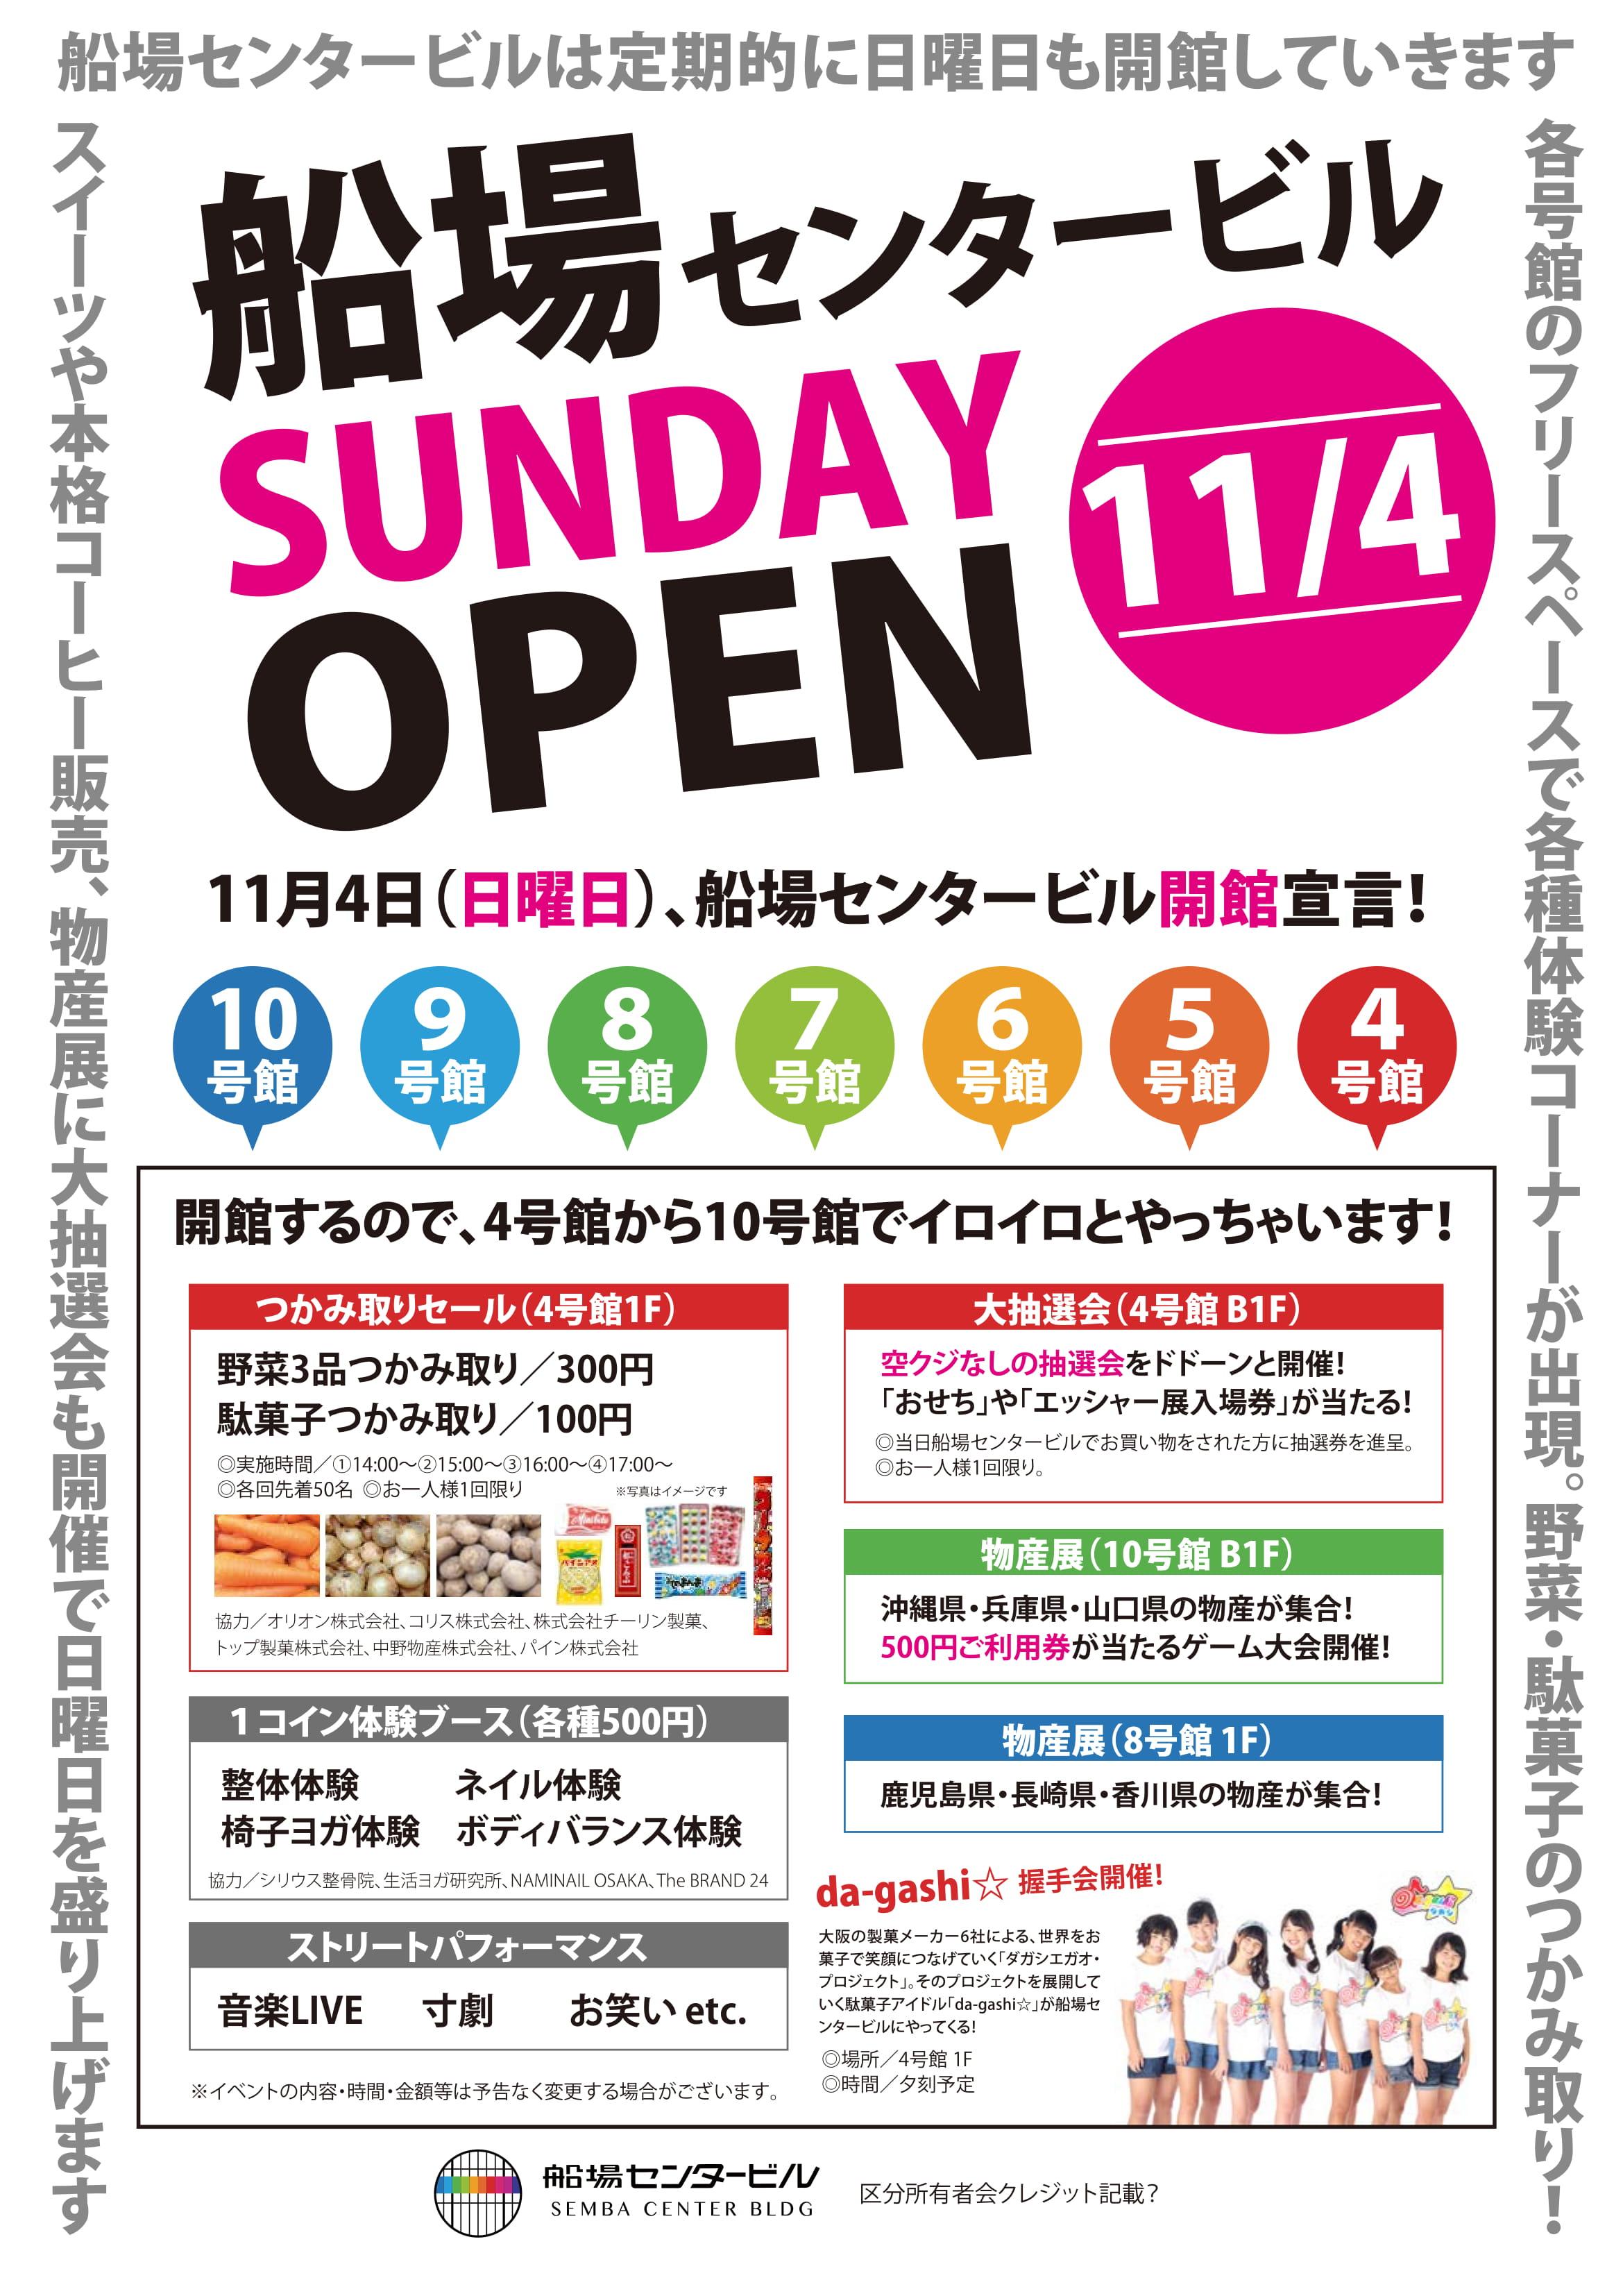 【イベント情報】2018年11月4日(日)da-gashi☆ /「船場センタービル SUNDAY OPENイベント」